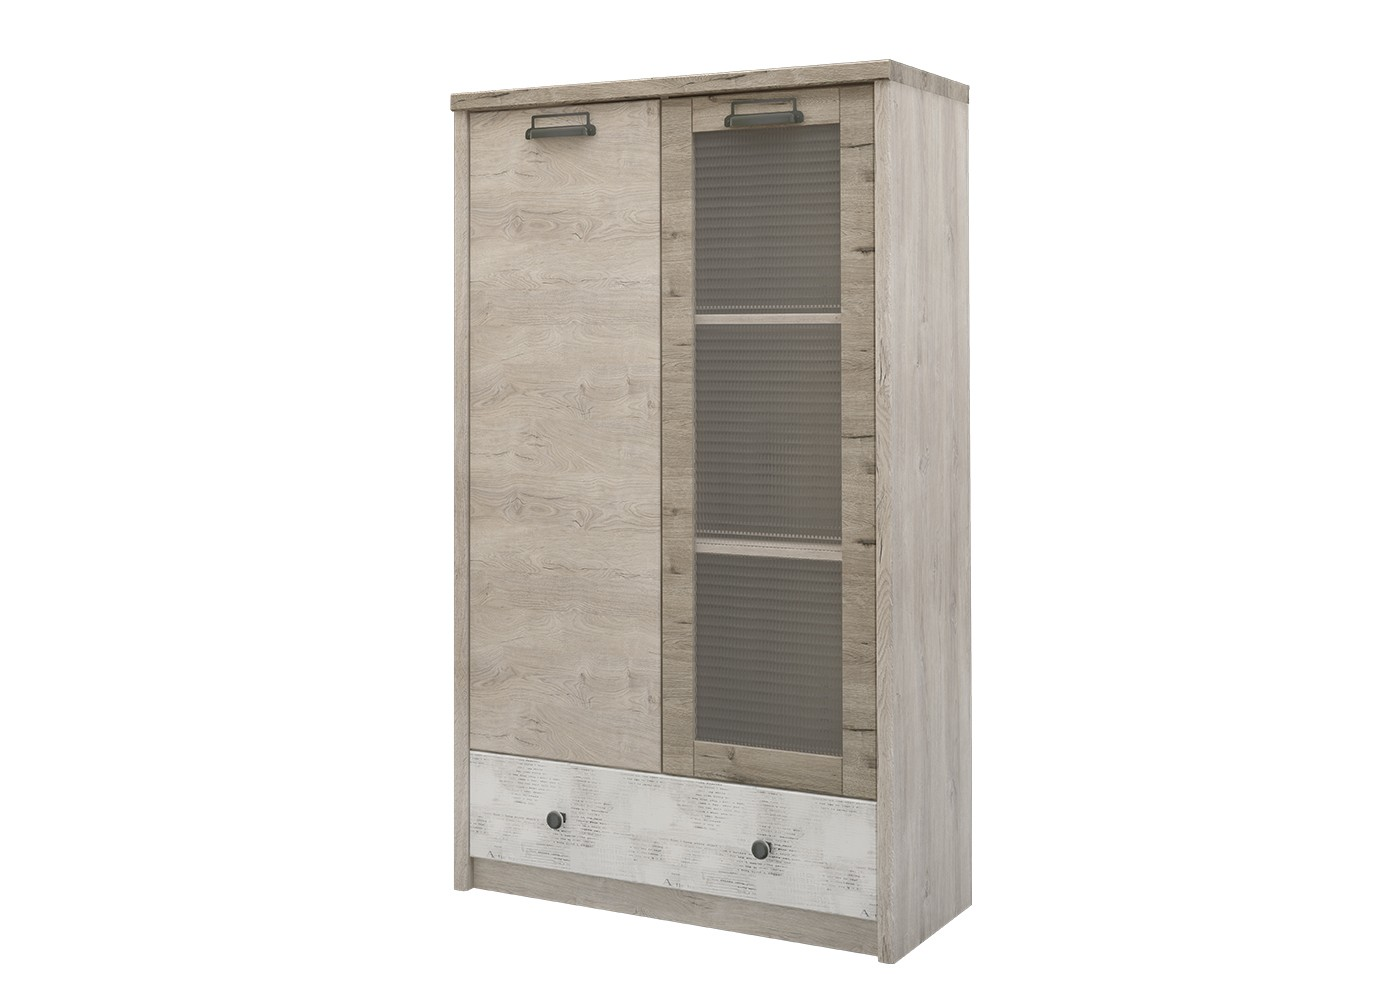 Шкаф DieselБельевые шкафы<br>Коллекция для молодежной комнаты DIESEL- это сочетание функциональности и уникальности дизайна. Характерные ручки в стиле &amp;quot;лофт&amp;quot;, вставки из рифленого стекла, используемого на фасадах витрин, оригинальное сочетание цветов фасадов - всё это дает возможность создать стильный и индивидуальный интерьер.&amp;amp;nbsp;<br><br>Material: ДСП<br>Width см: 85.8<br>Depth см: 36.2<br>Height см: 143.6